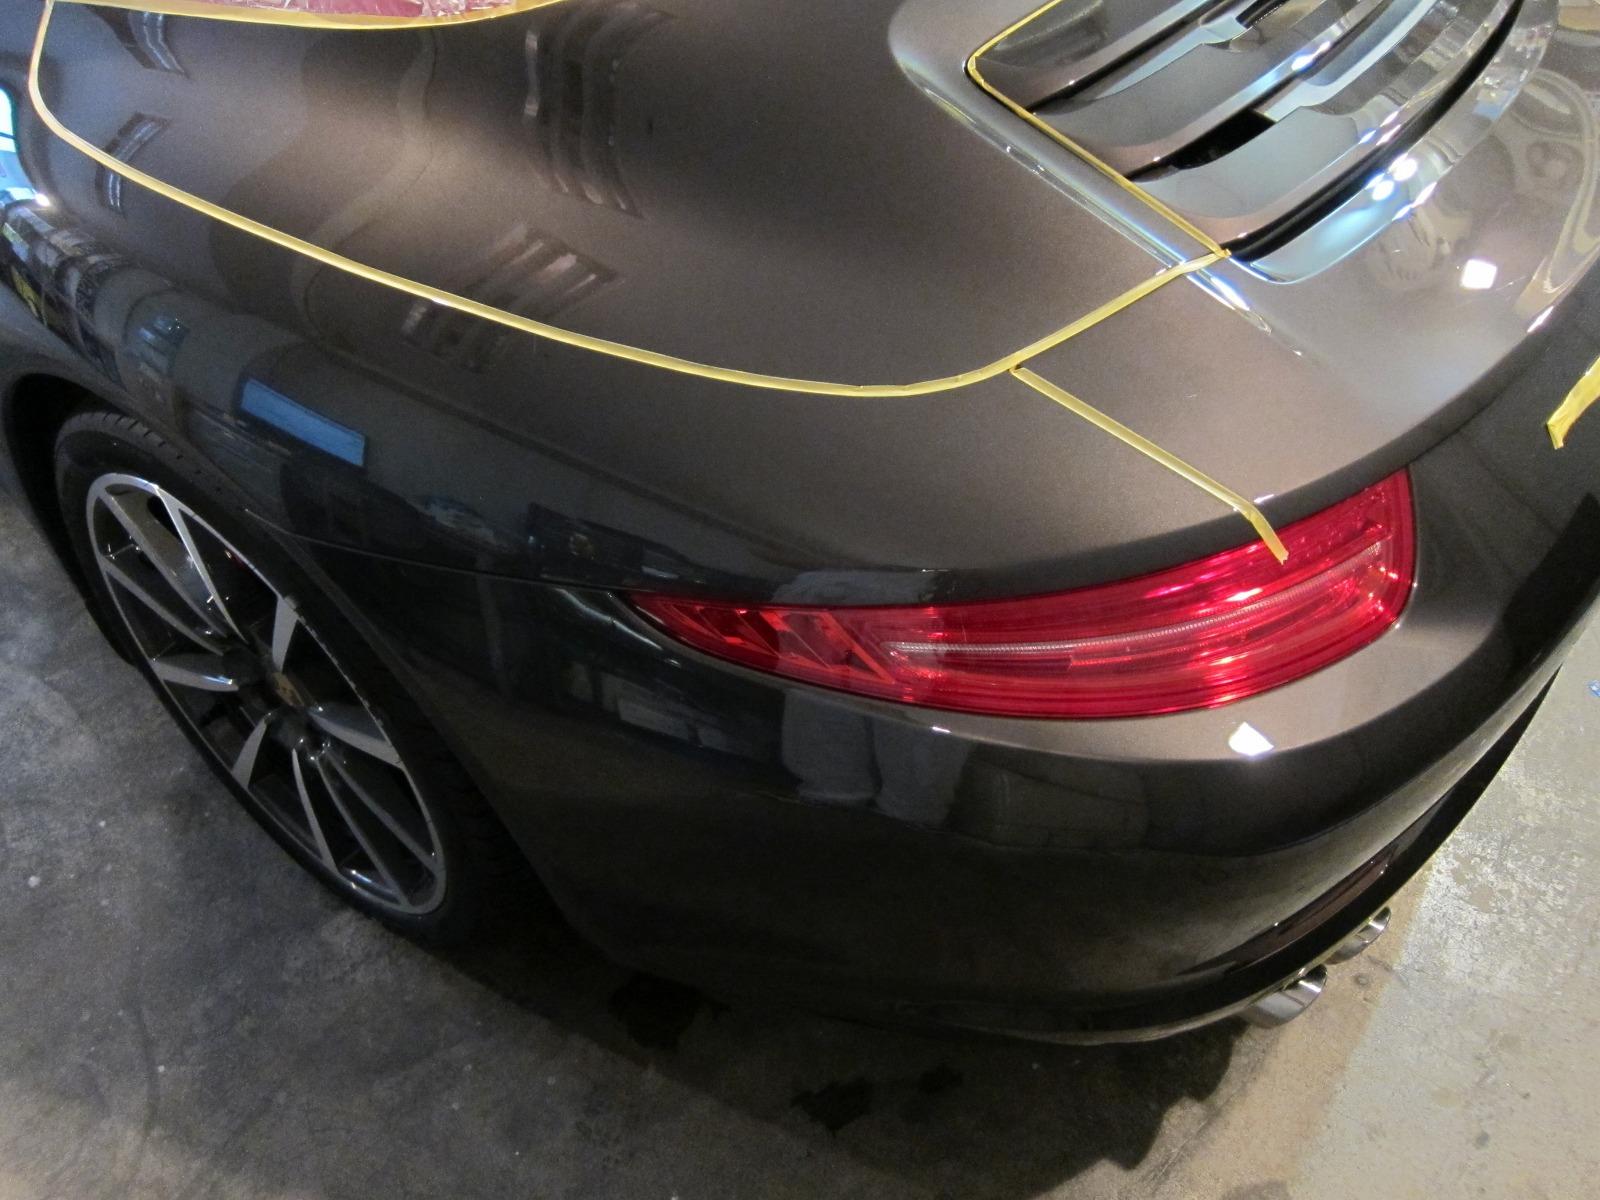 20141226-porsche-911-carreras-cabriolet-06